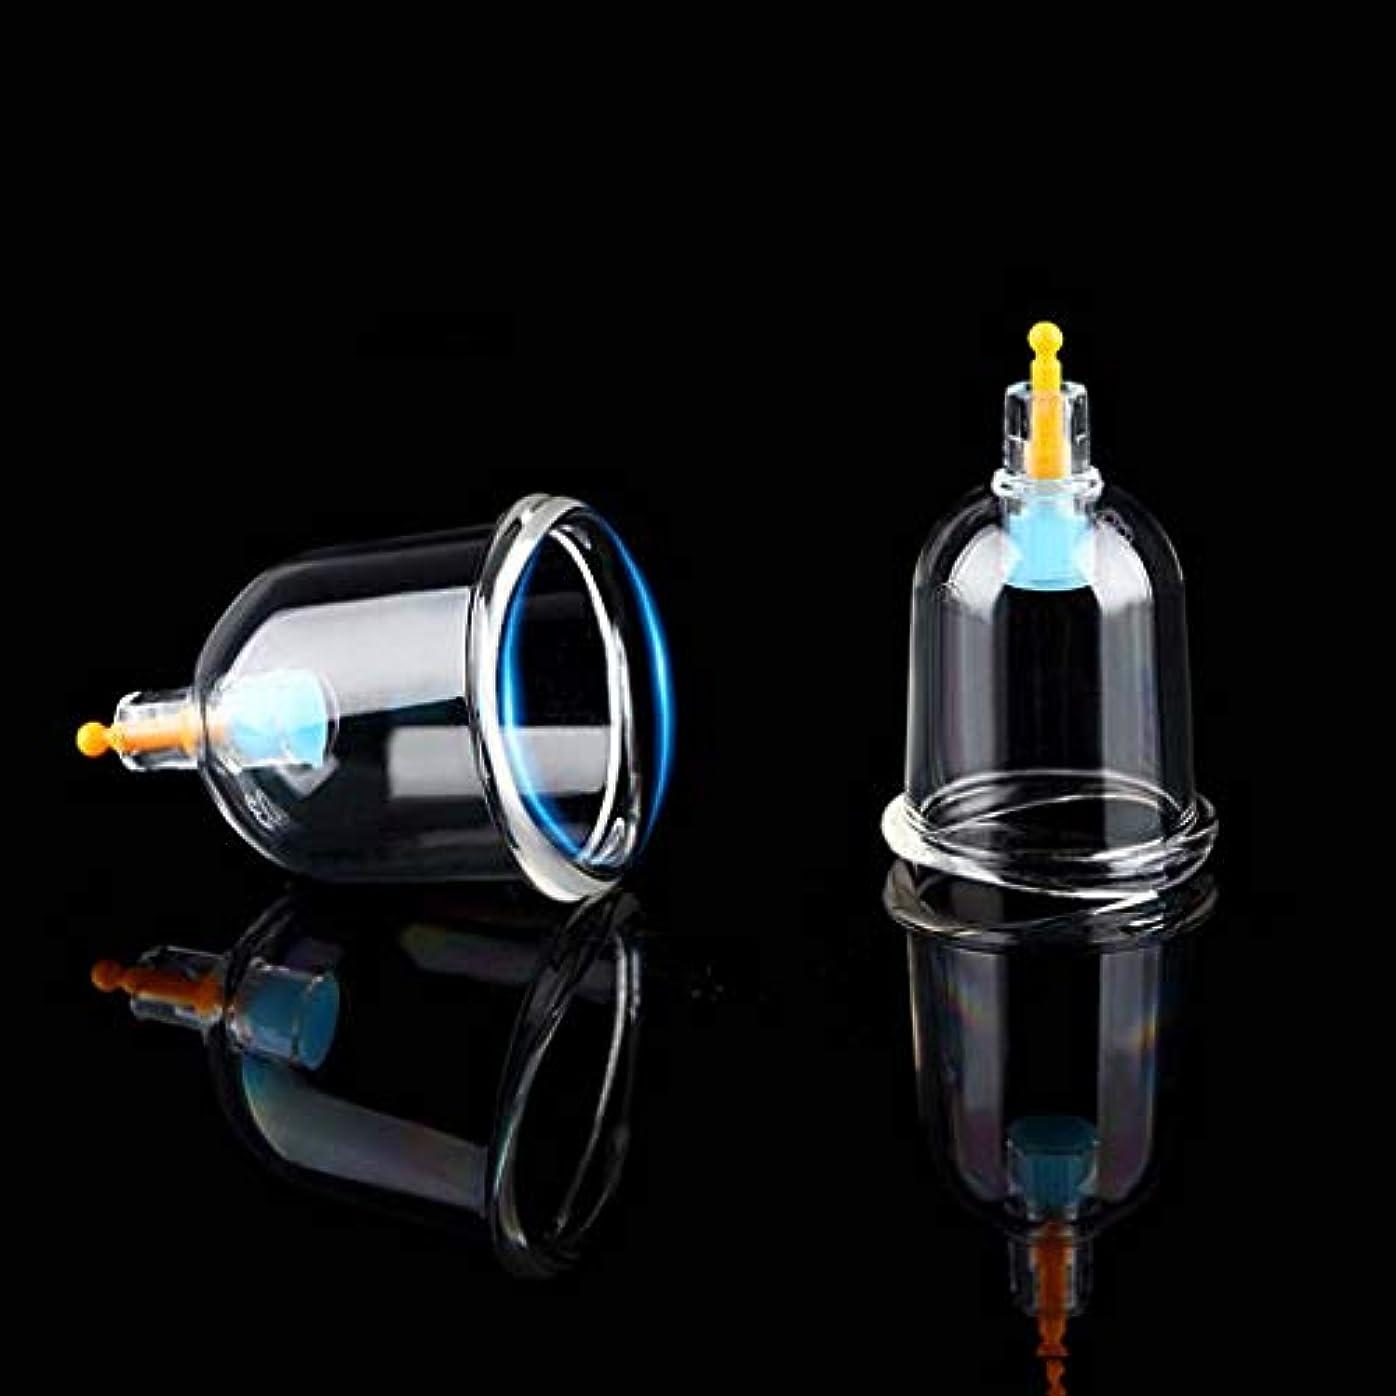 見通しクロス送信するセットカッピング、プロフェッショナル中国のツボカッピングセラピーは真空ポンプ磁気セルライトカッピングマッサージキット-12カップで吸引カッピングセットを設定します。